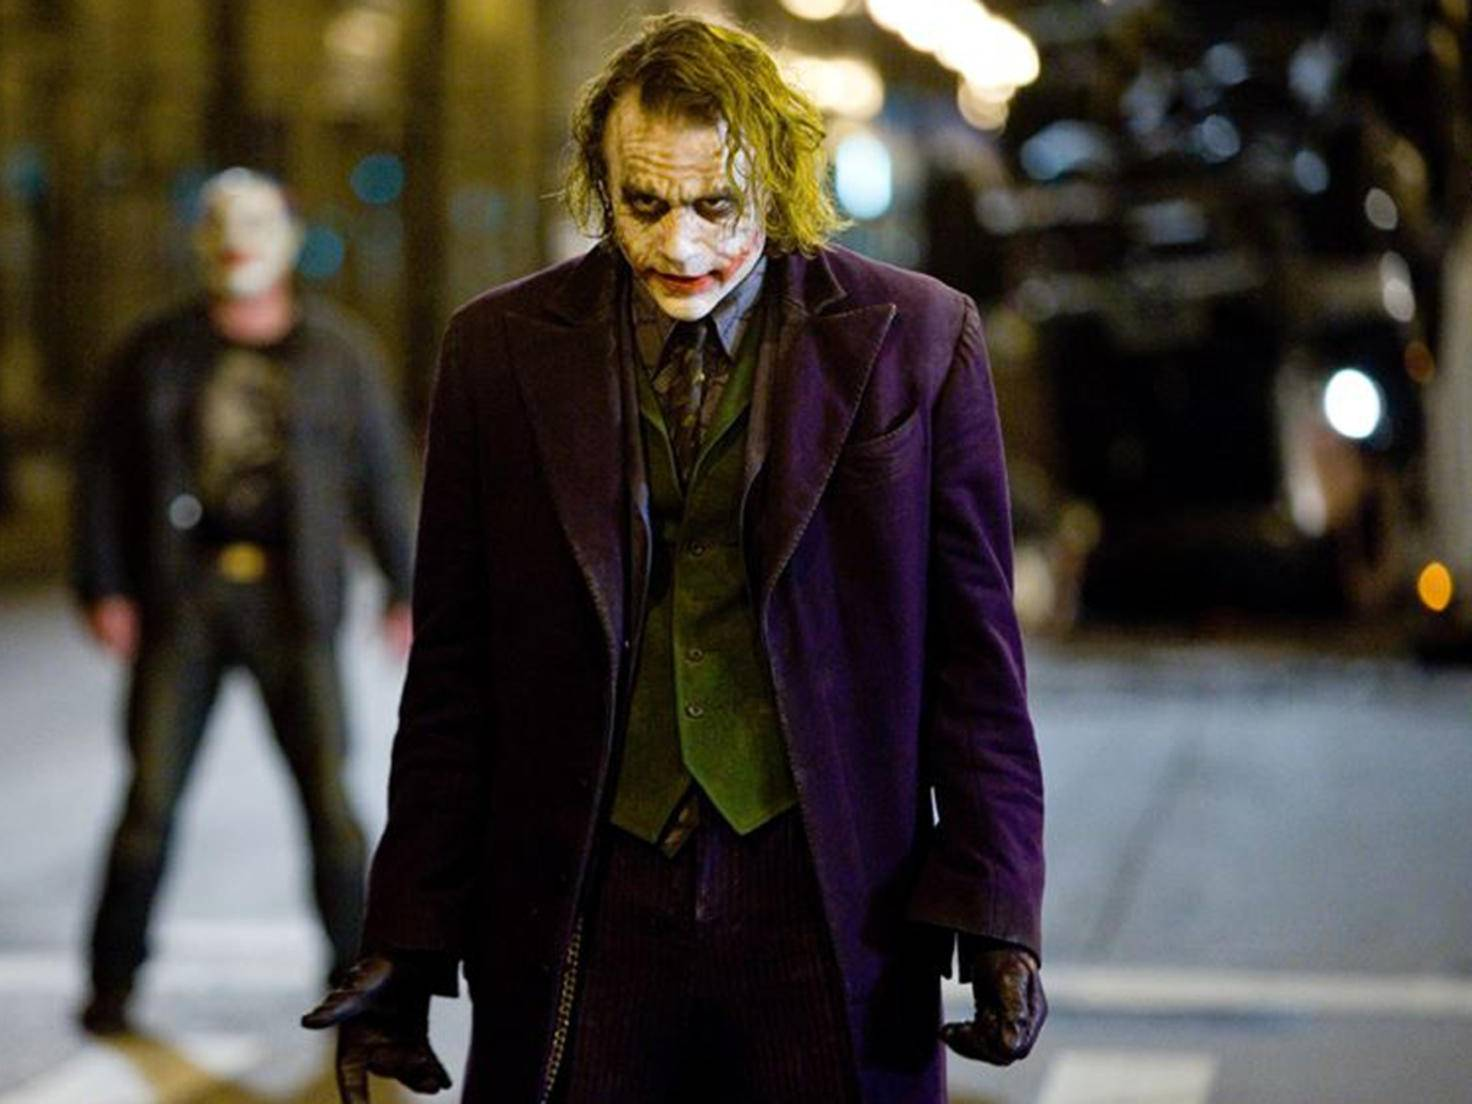 Der von Heath Ledger verkörperte Joker bleibt unvergessen.